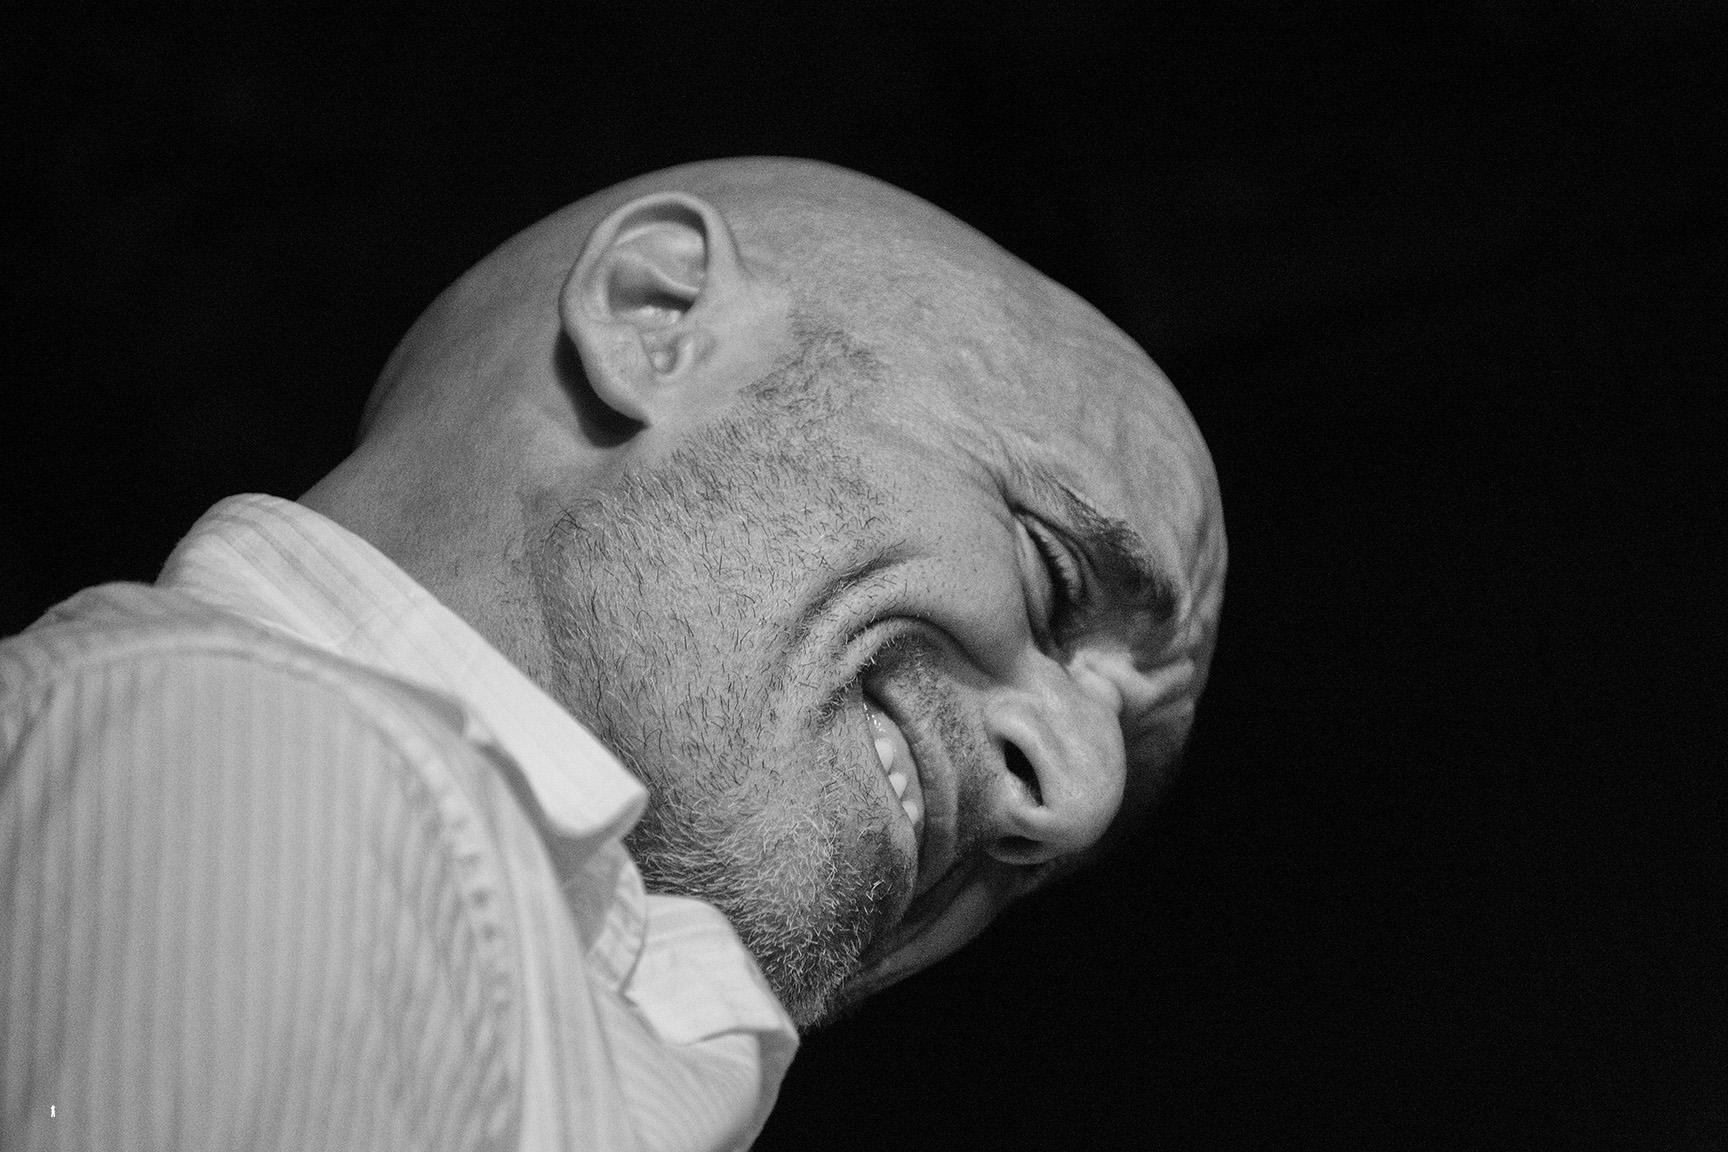 José Luis Guart